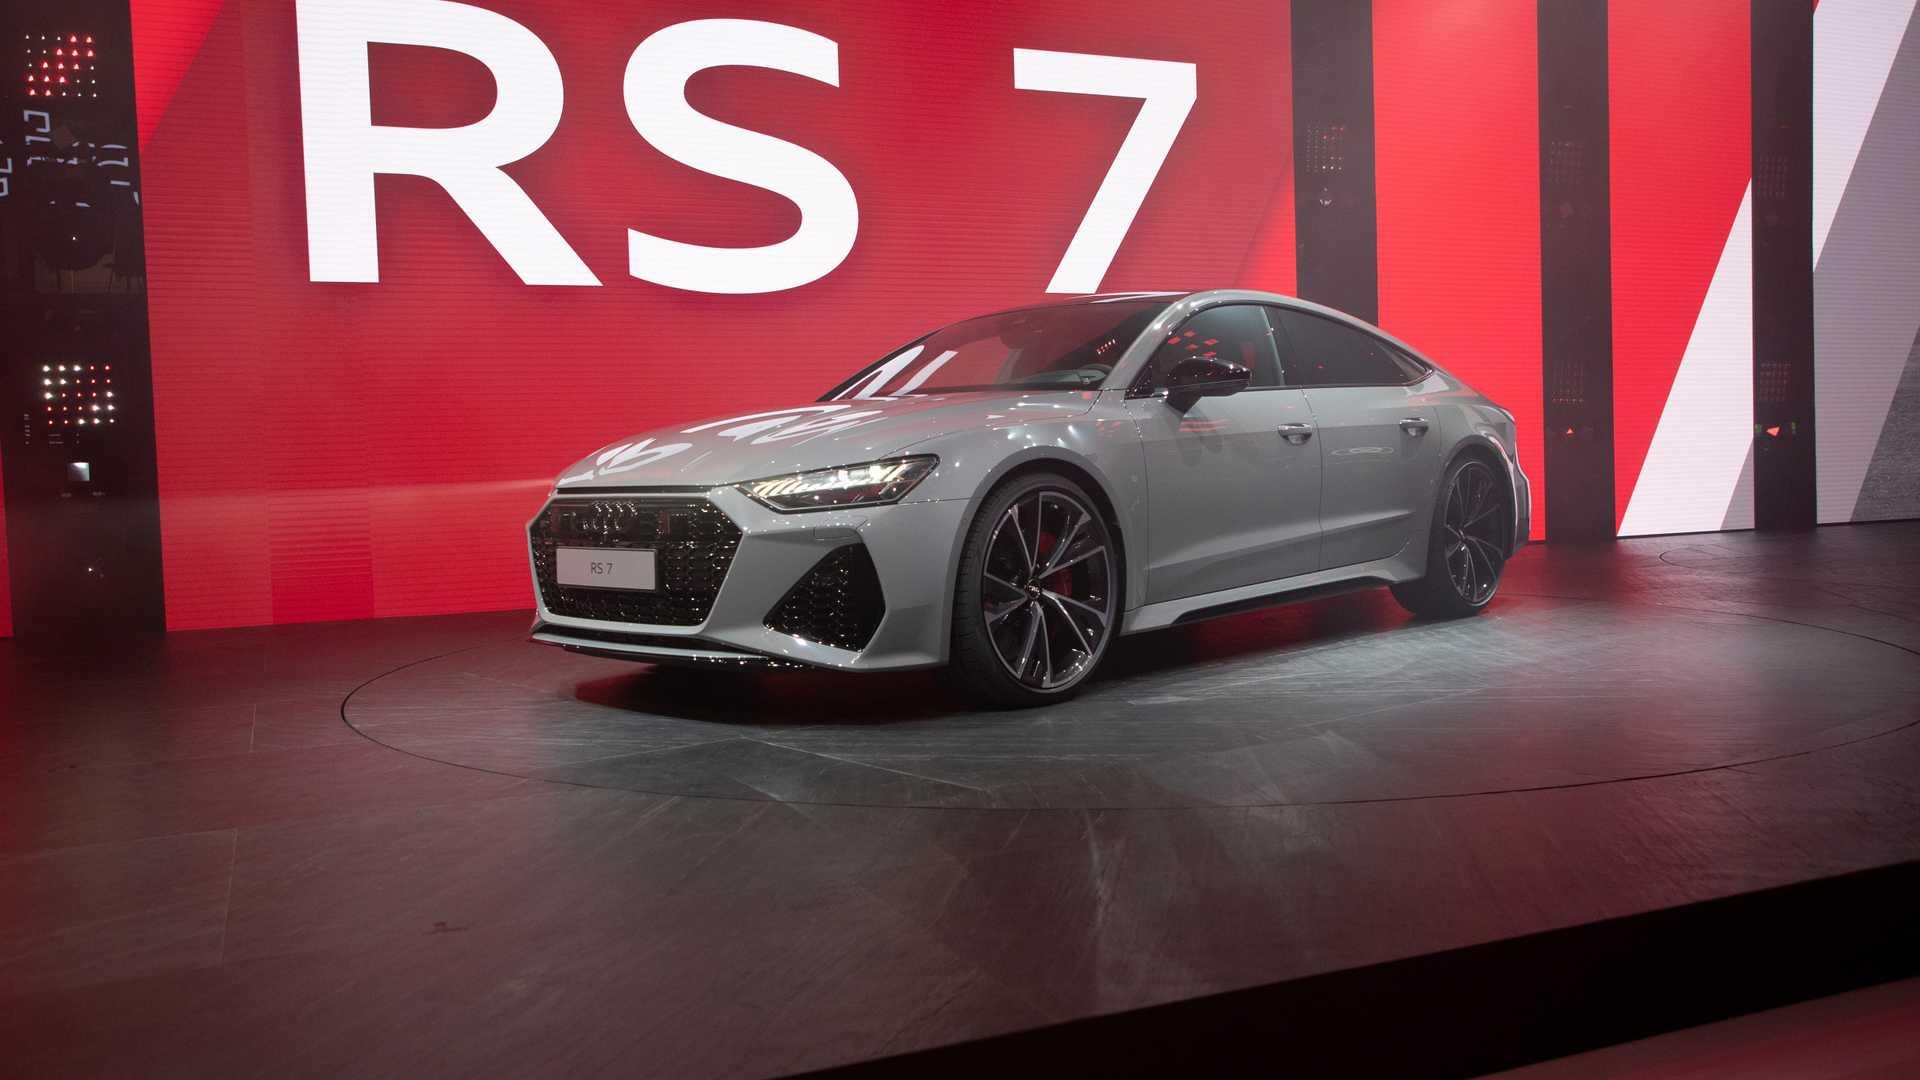 Audi RS7 Sportback 2020 ra mắt tại triển lãm Frankfurt Motor Show 2019 đang diễn ra tại Đức